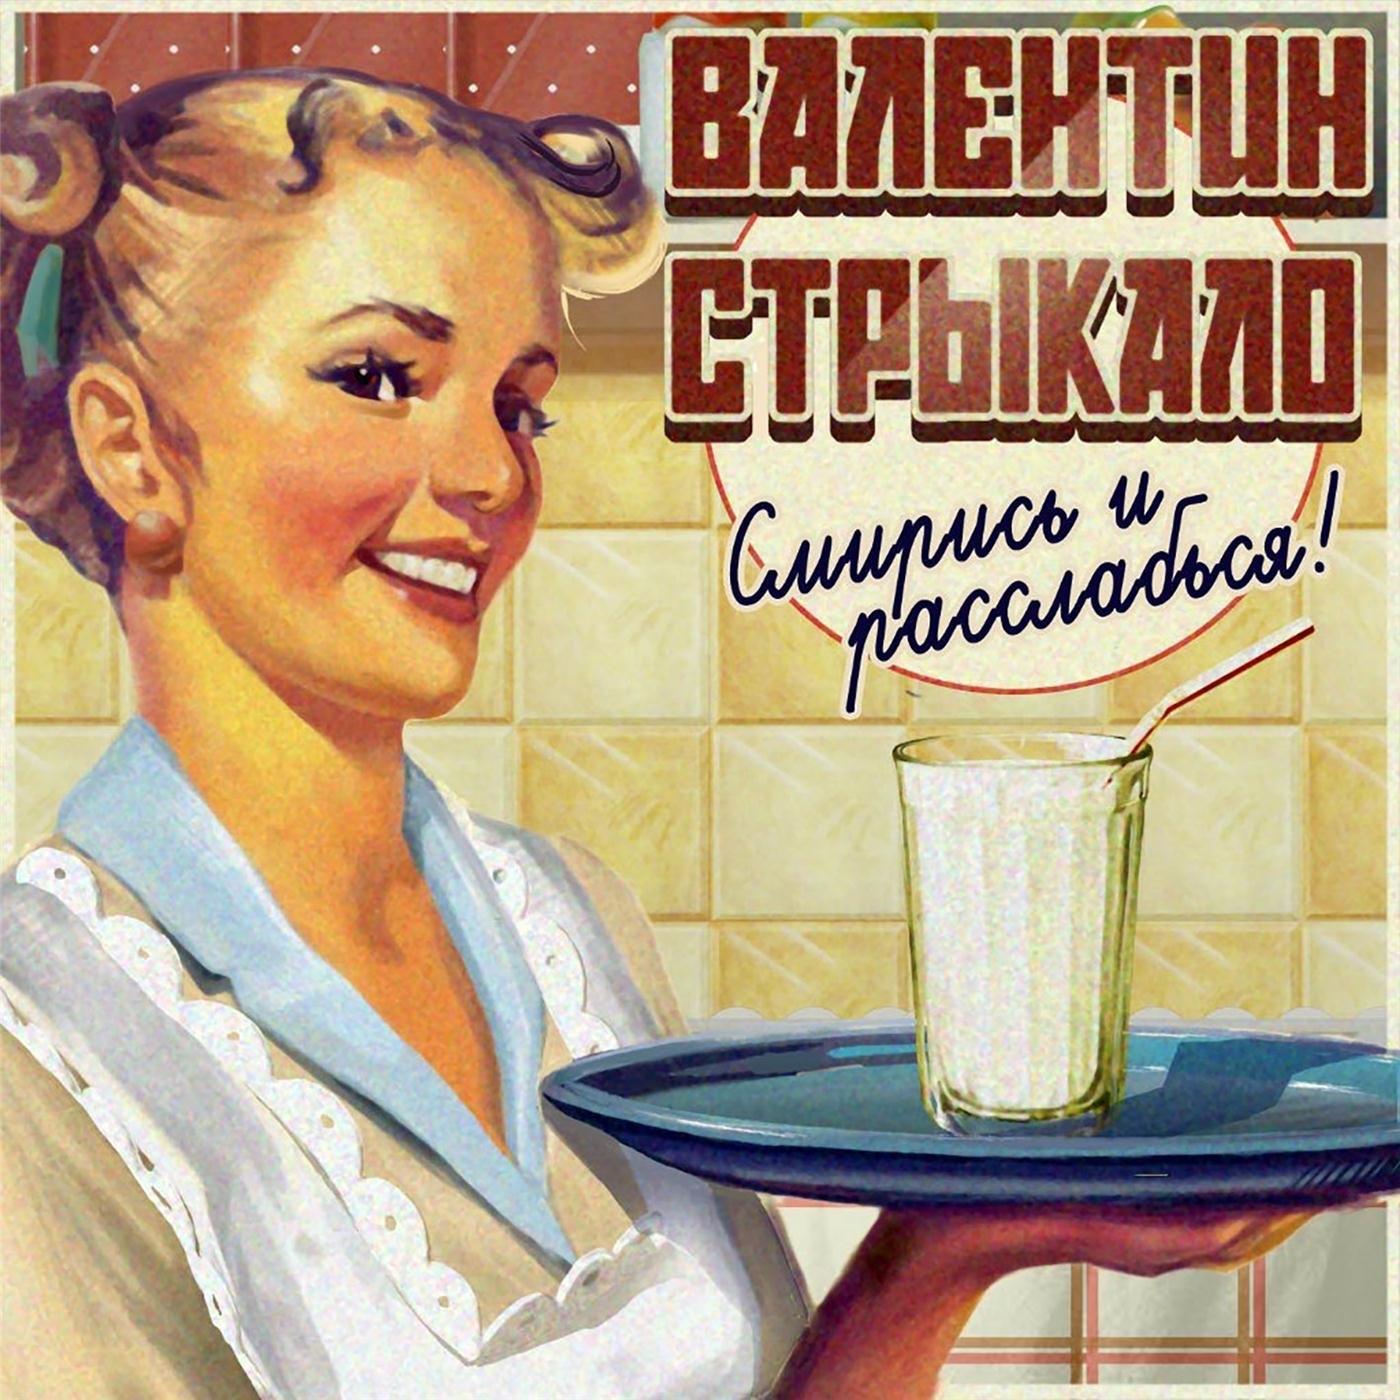 Валентин Стрыкало album Смирись и расслабься!